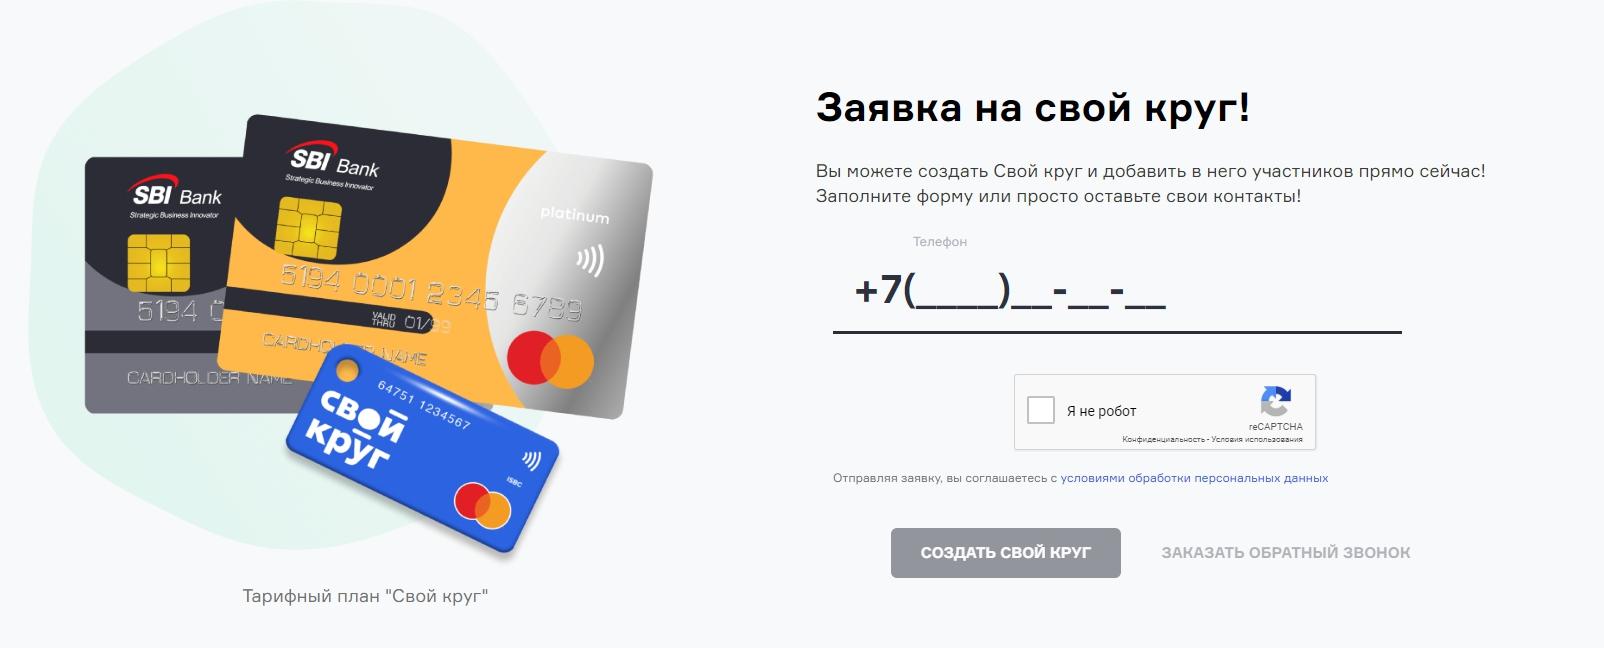 karta-svoj-krug-sbi-otzyvy_3